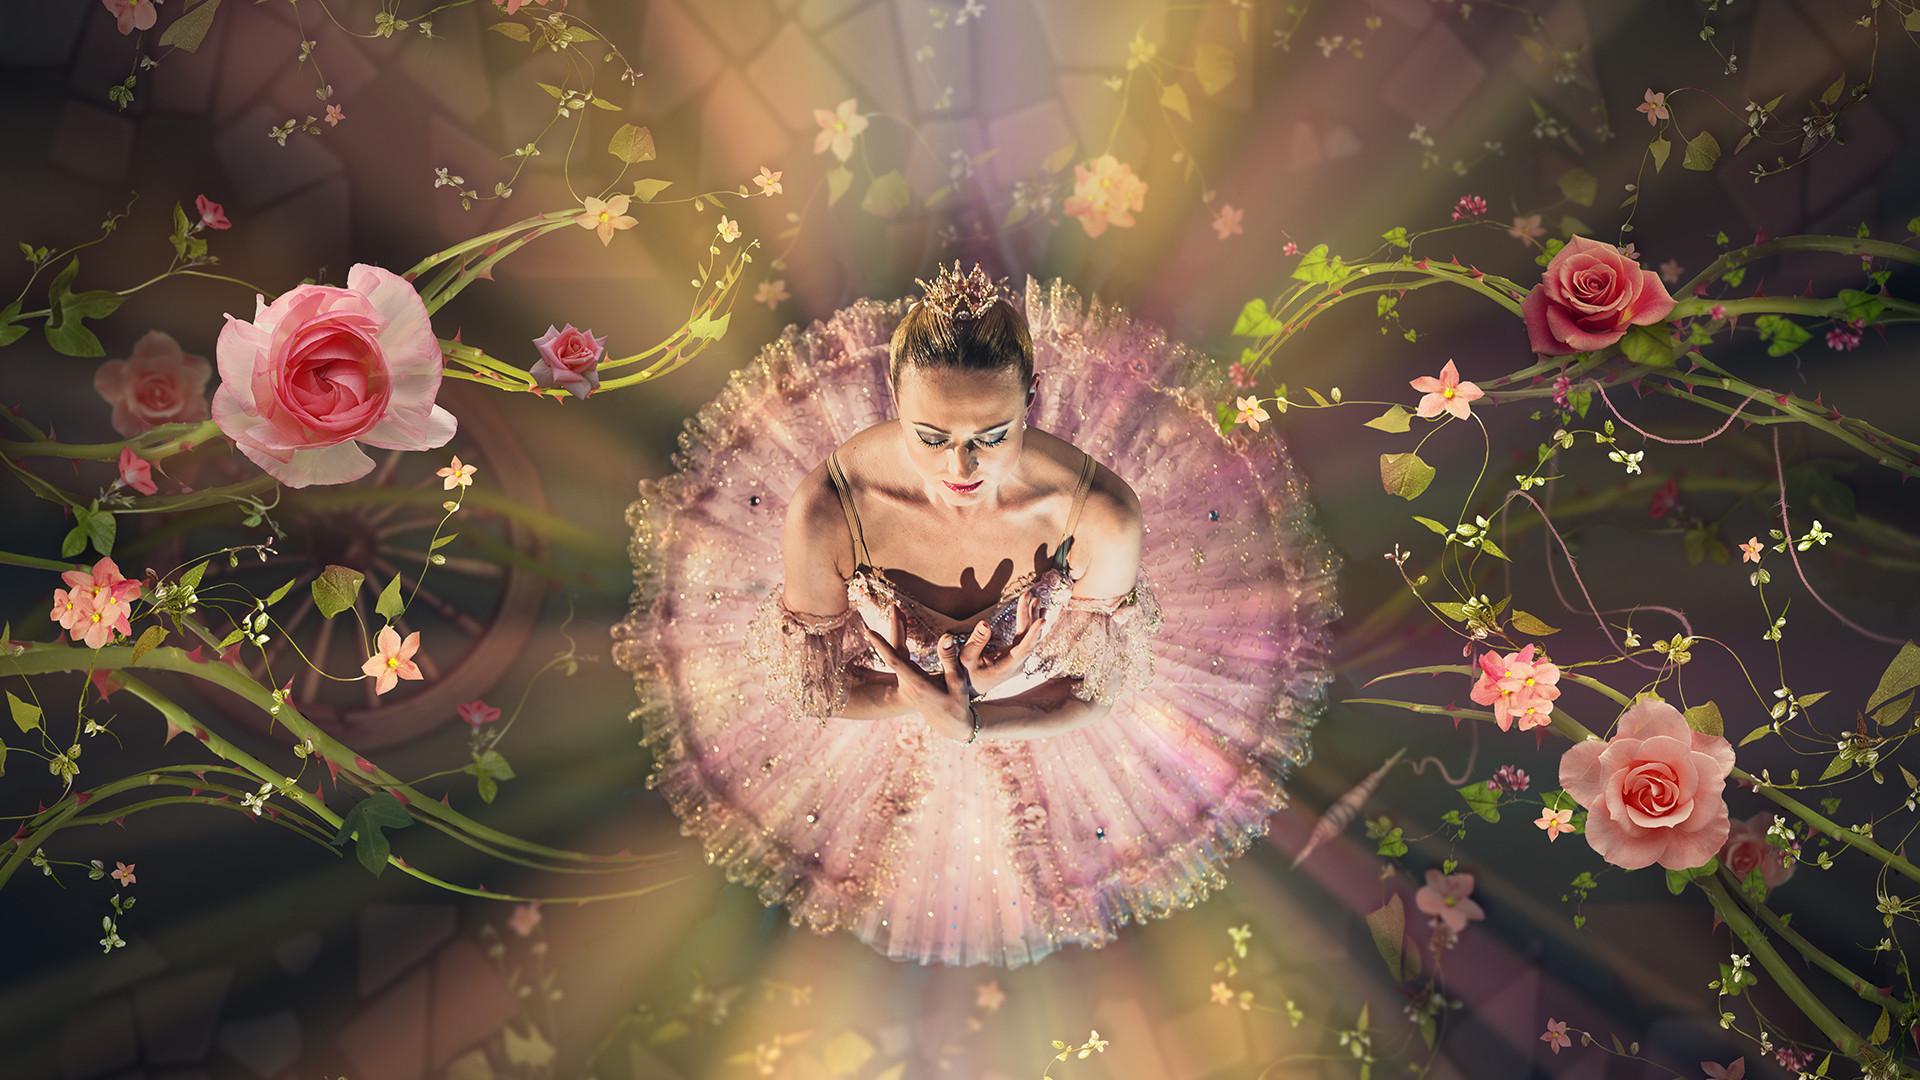 Спящая красавица. Государственный академический театр классического балета Н.Касаткиной и В.Василёва